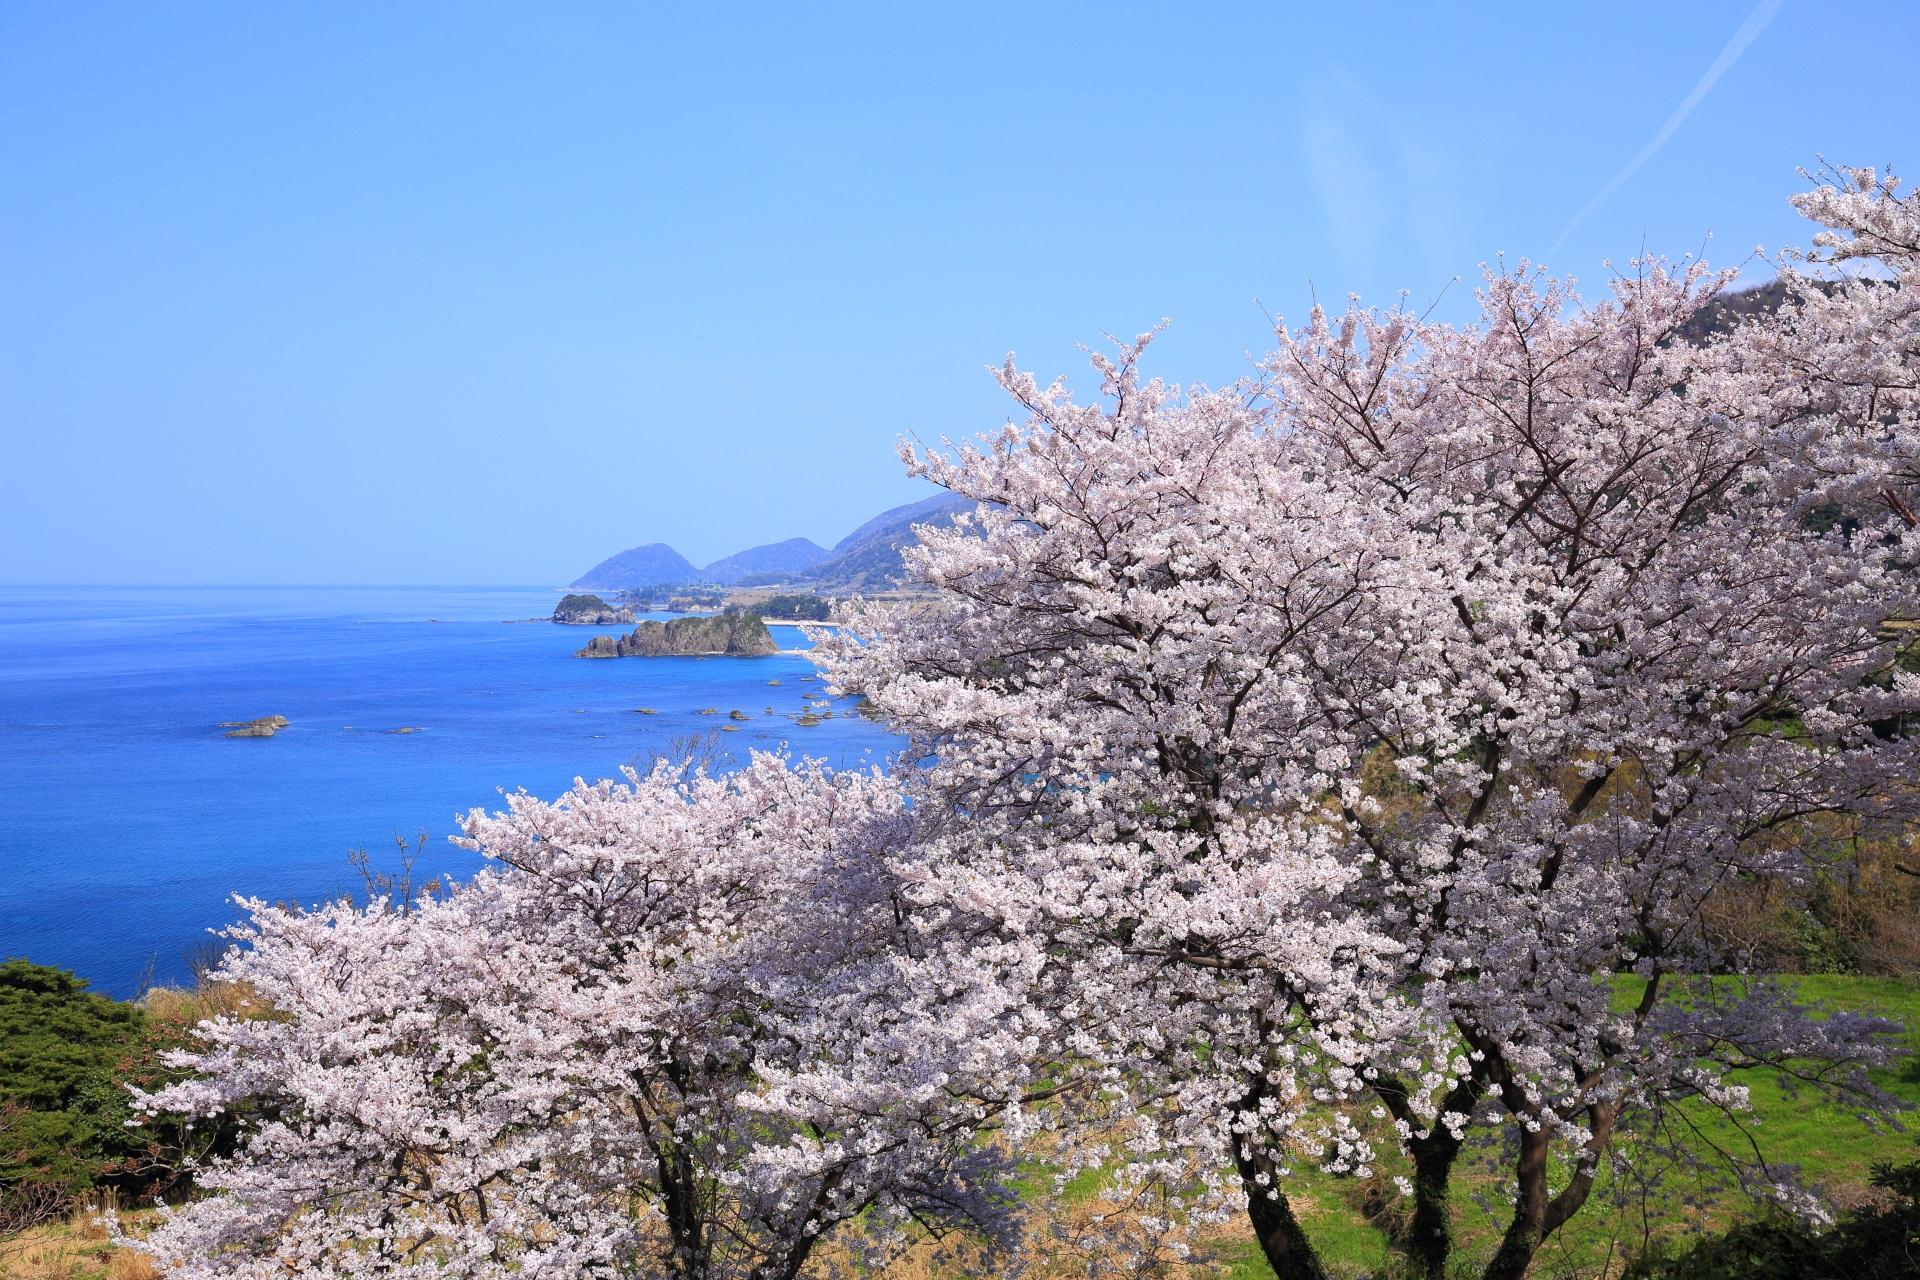 丹後松島の青空に映える華やかな桜